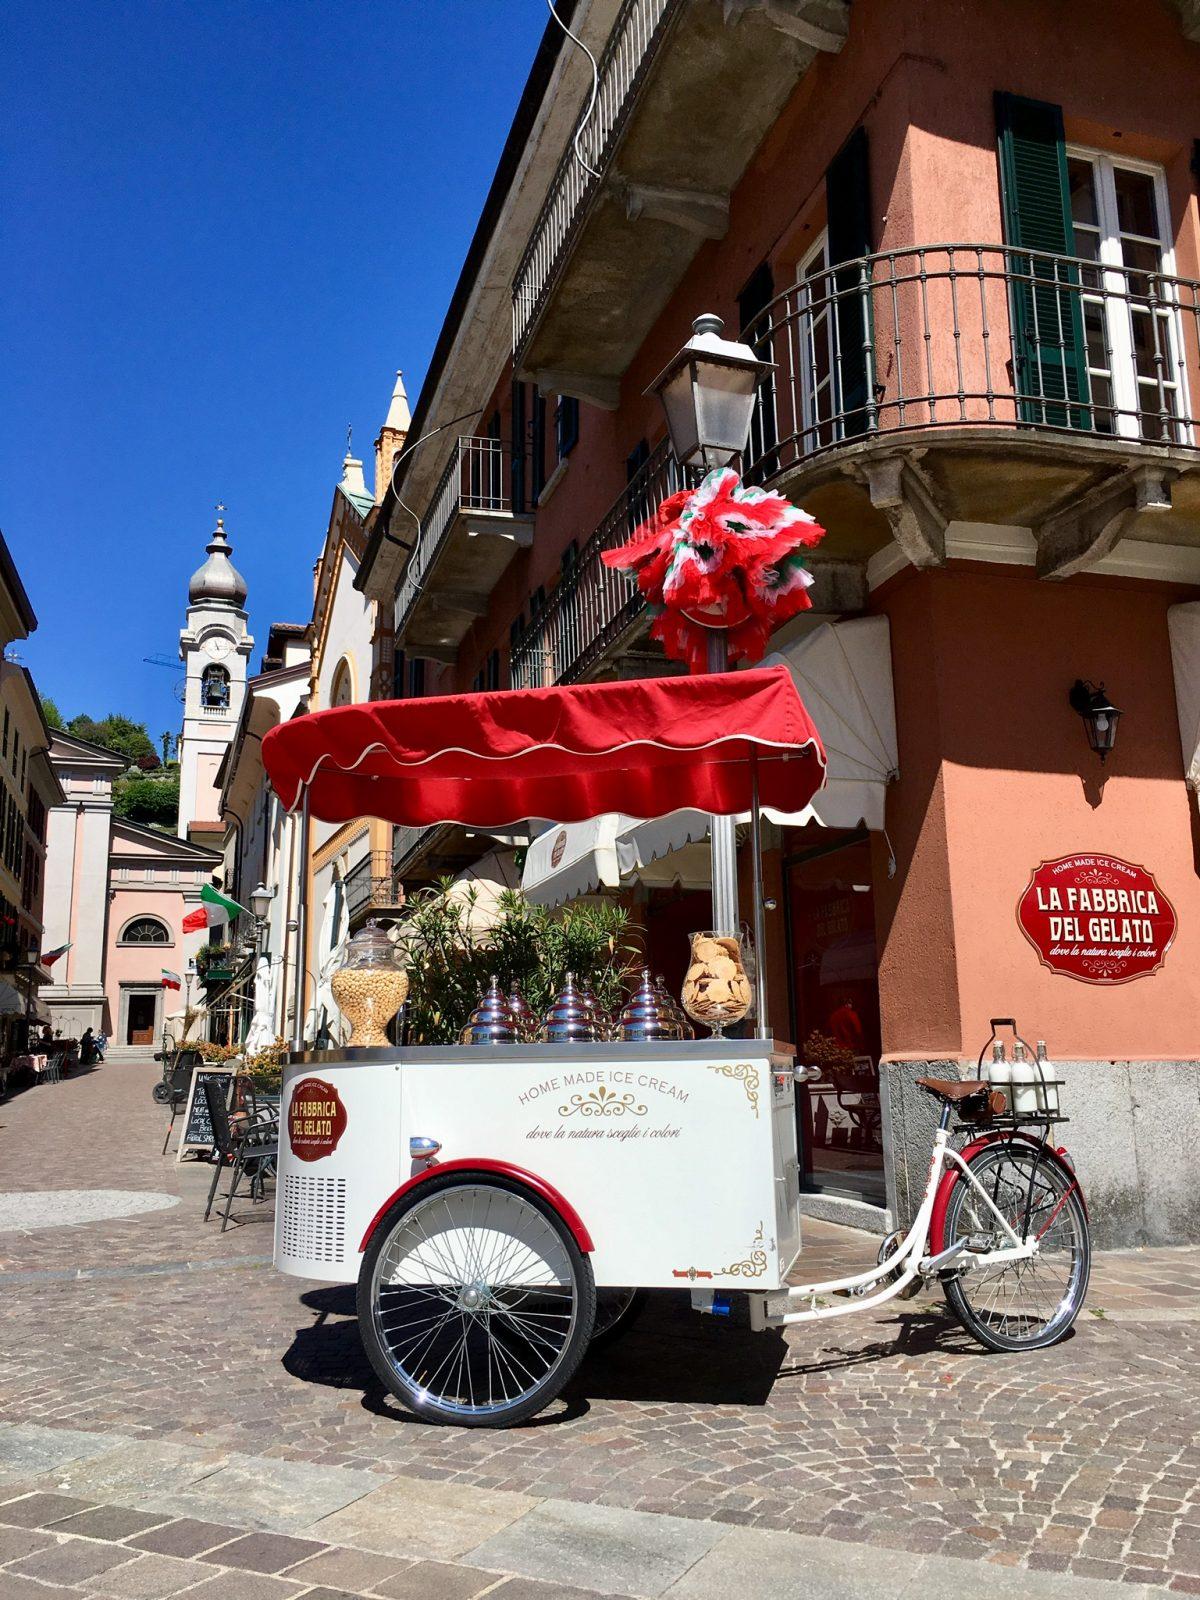 Gelato-Wagen in Menaggio